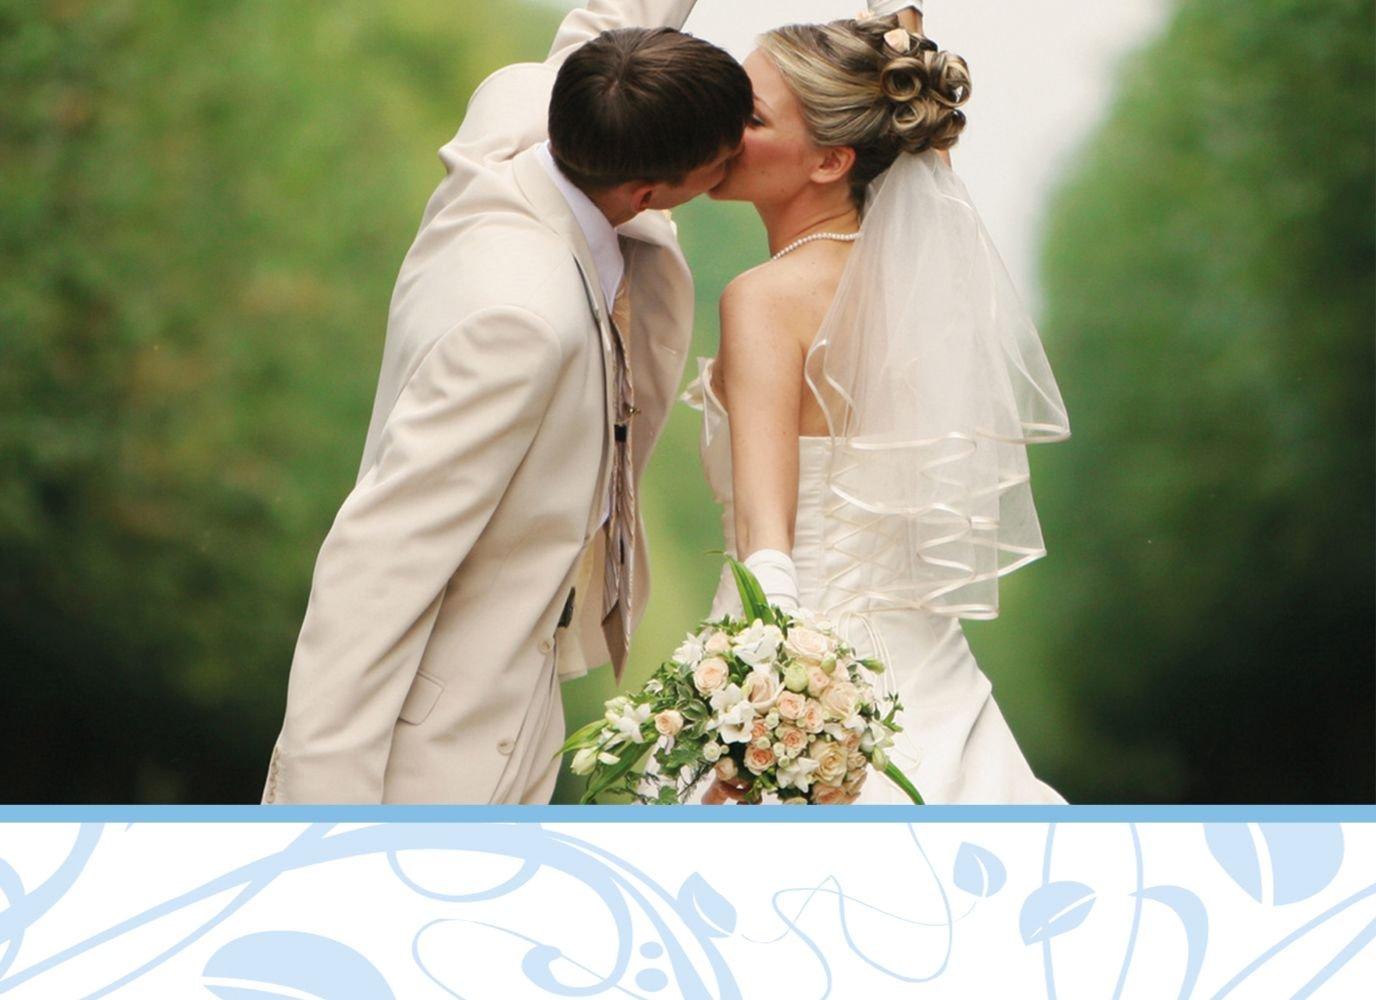 Kartenparadies Danksagung für Hochzeitsgeschenke Hochzeit Dankeskarte Blättertraum, Blättertraum, Blättertraum, hochwertige Danksagungskarte Hochzeitsglückwünsche inklusive Umschläge   10 Karten - (Format  148x105 mm) Farbe  WeinRot B01N5RUXZM | Die Farbe is 8bfbcf